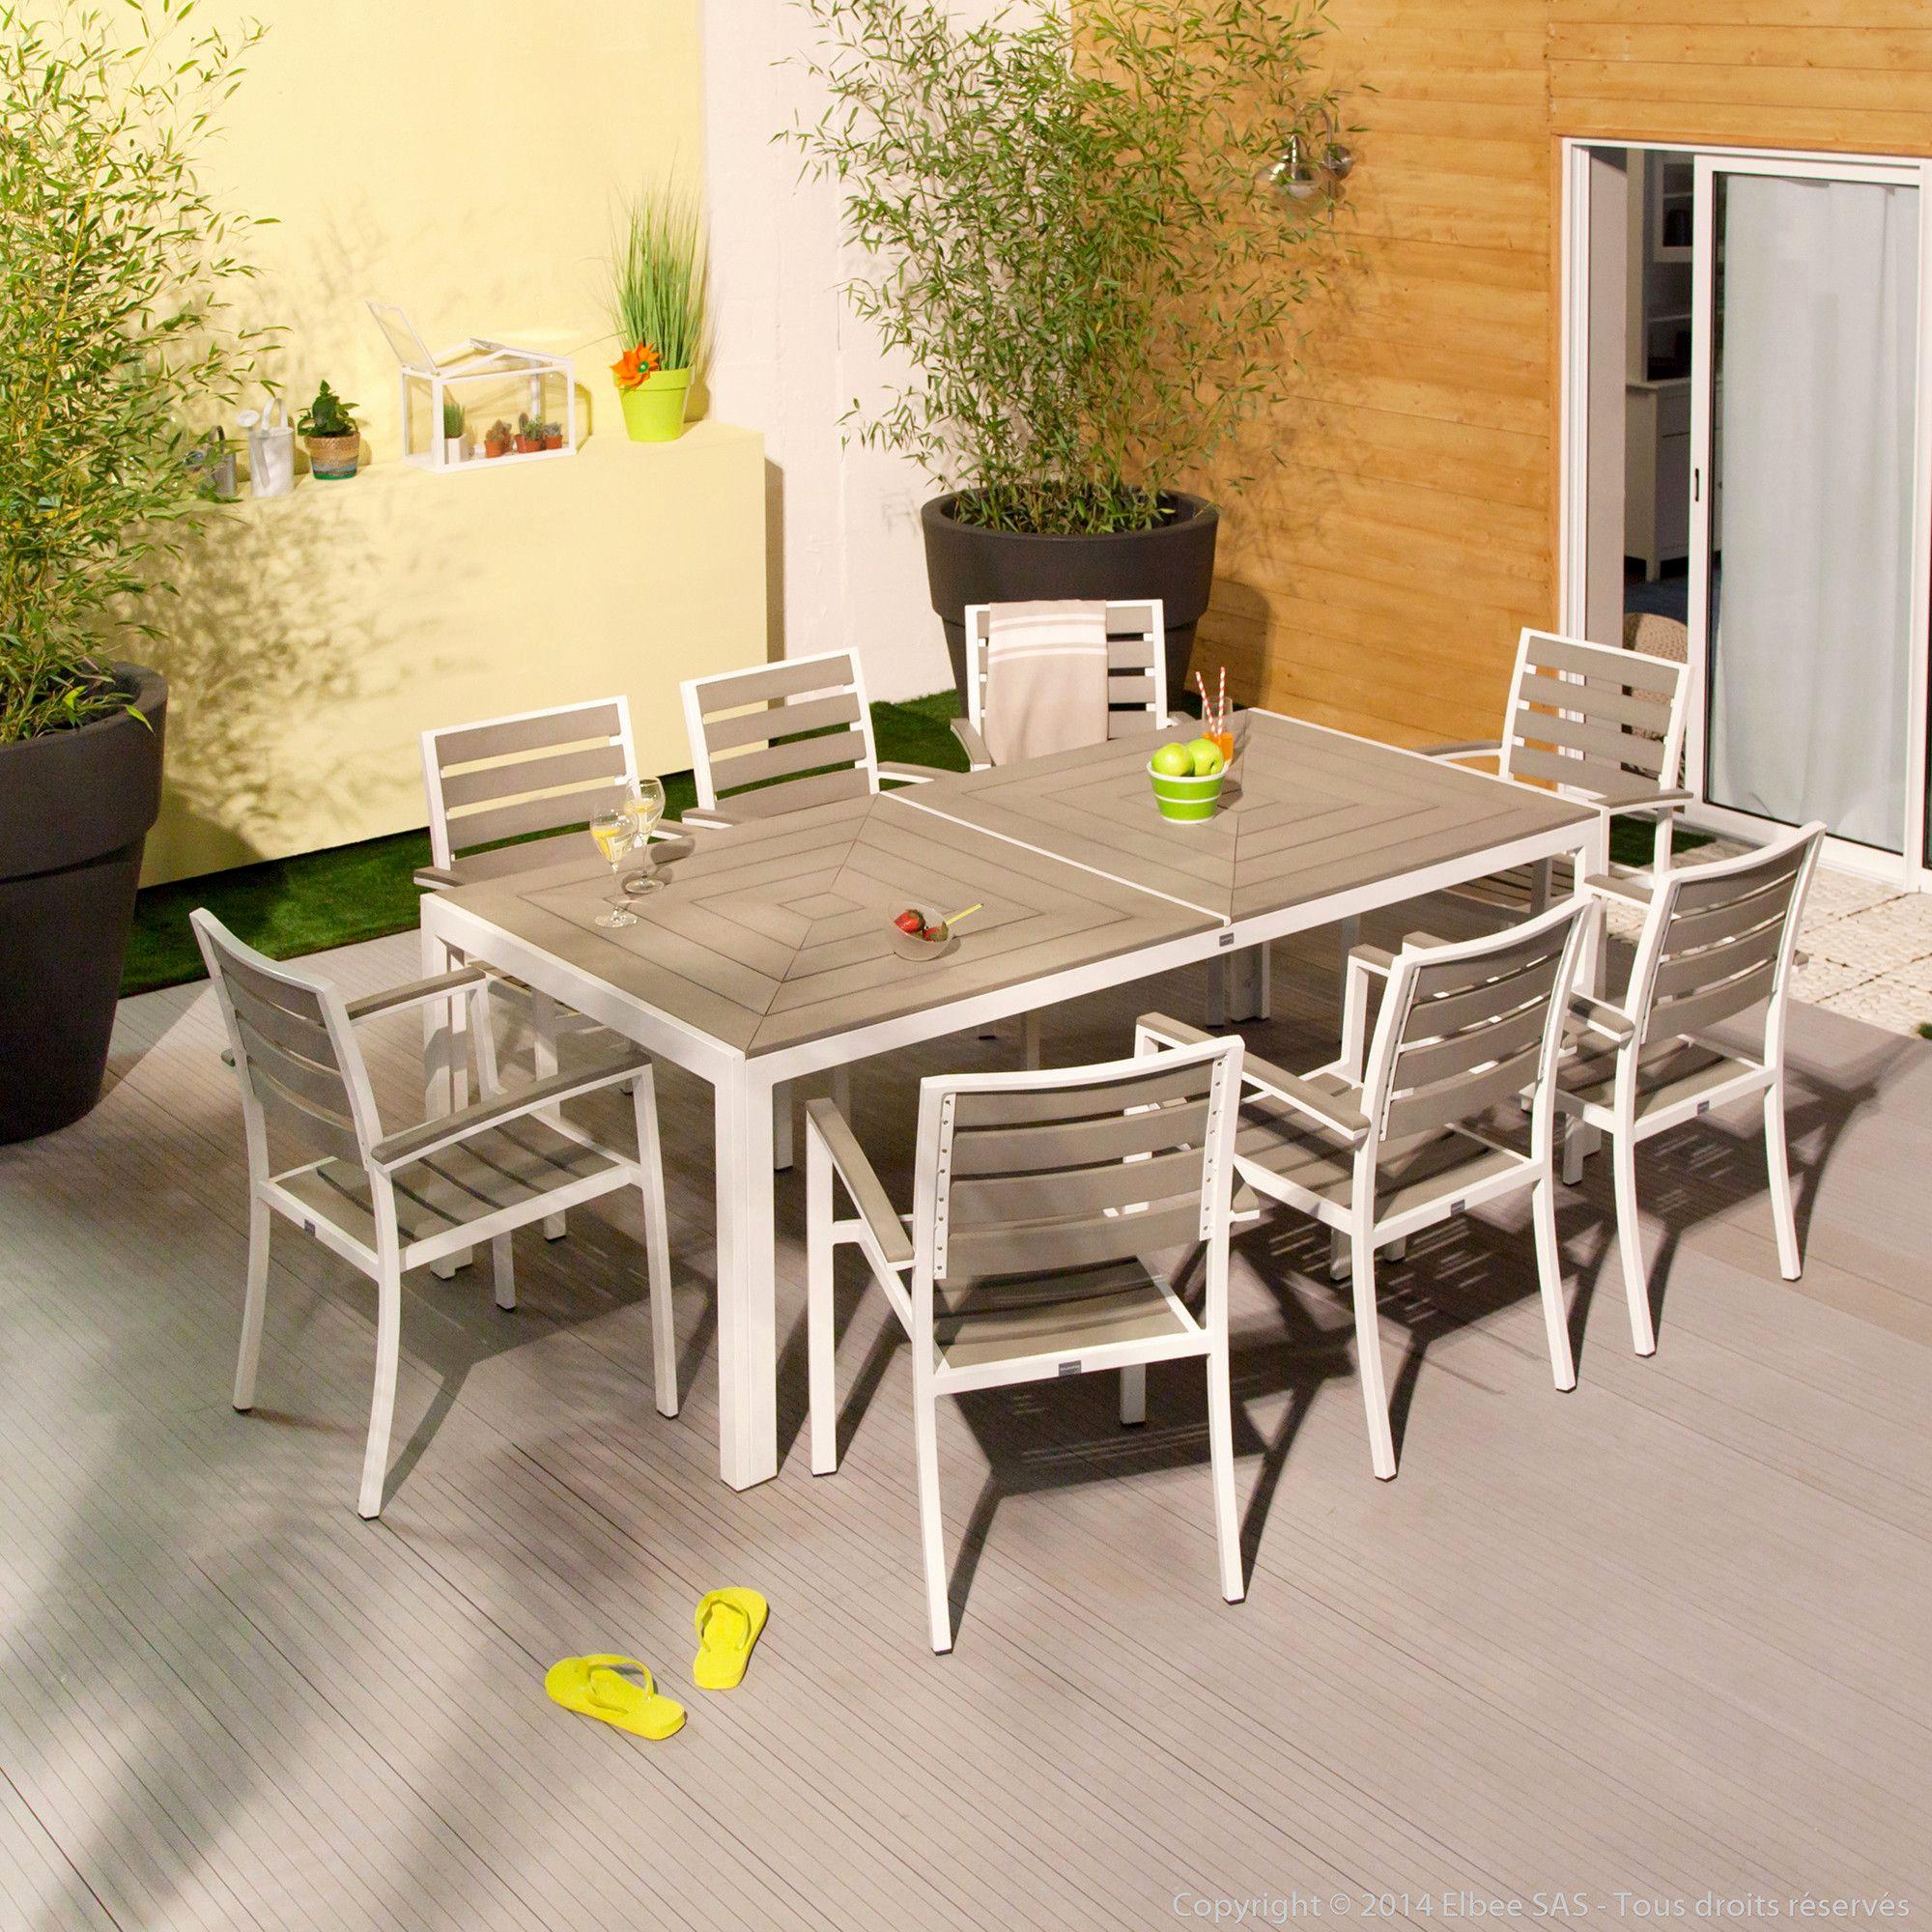 Salon De Jardin En Soldes Leclerc Nouveau Leclerc Table ... avec Table De Jardin Magasin Leclerc